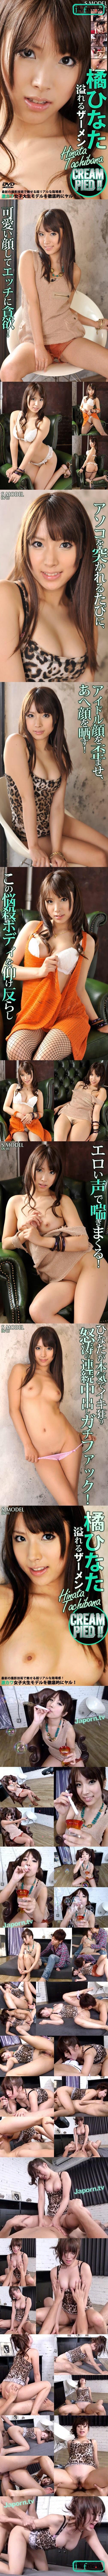 [SMDV 05] S Model DV 05 : Hinata Tachibana 橘ひなた SMDV Hinata Tachibana